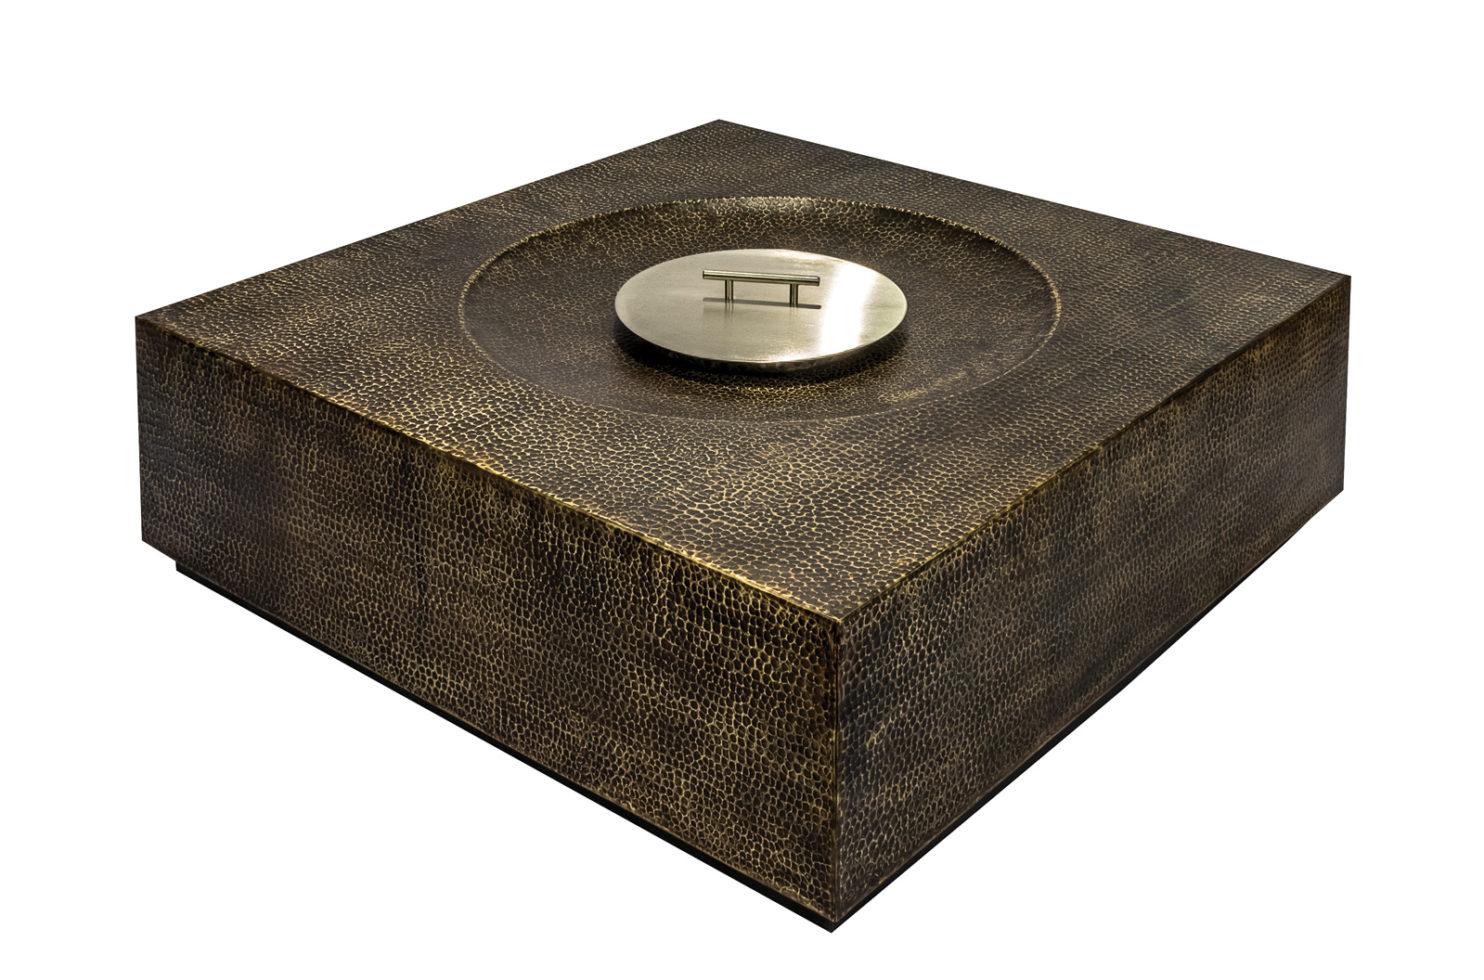 Ingot Inca 520FT016P2AB 1 3Q cover